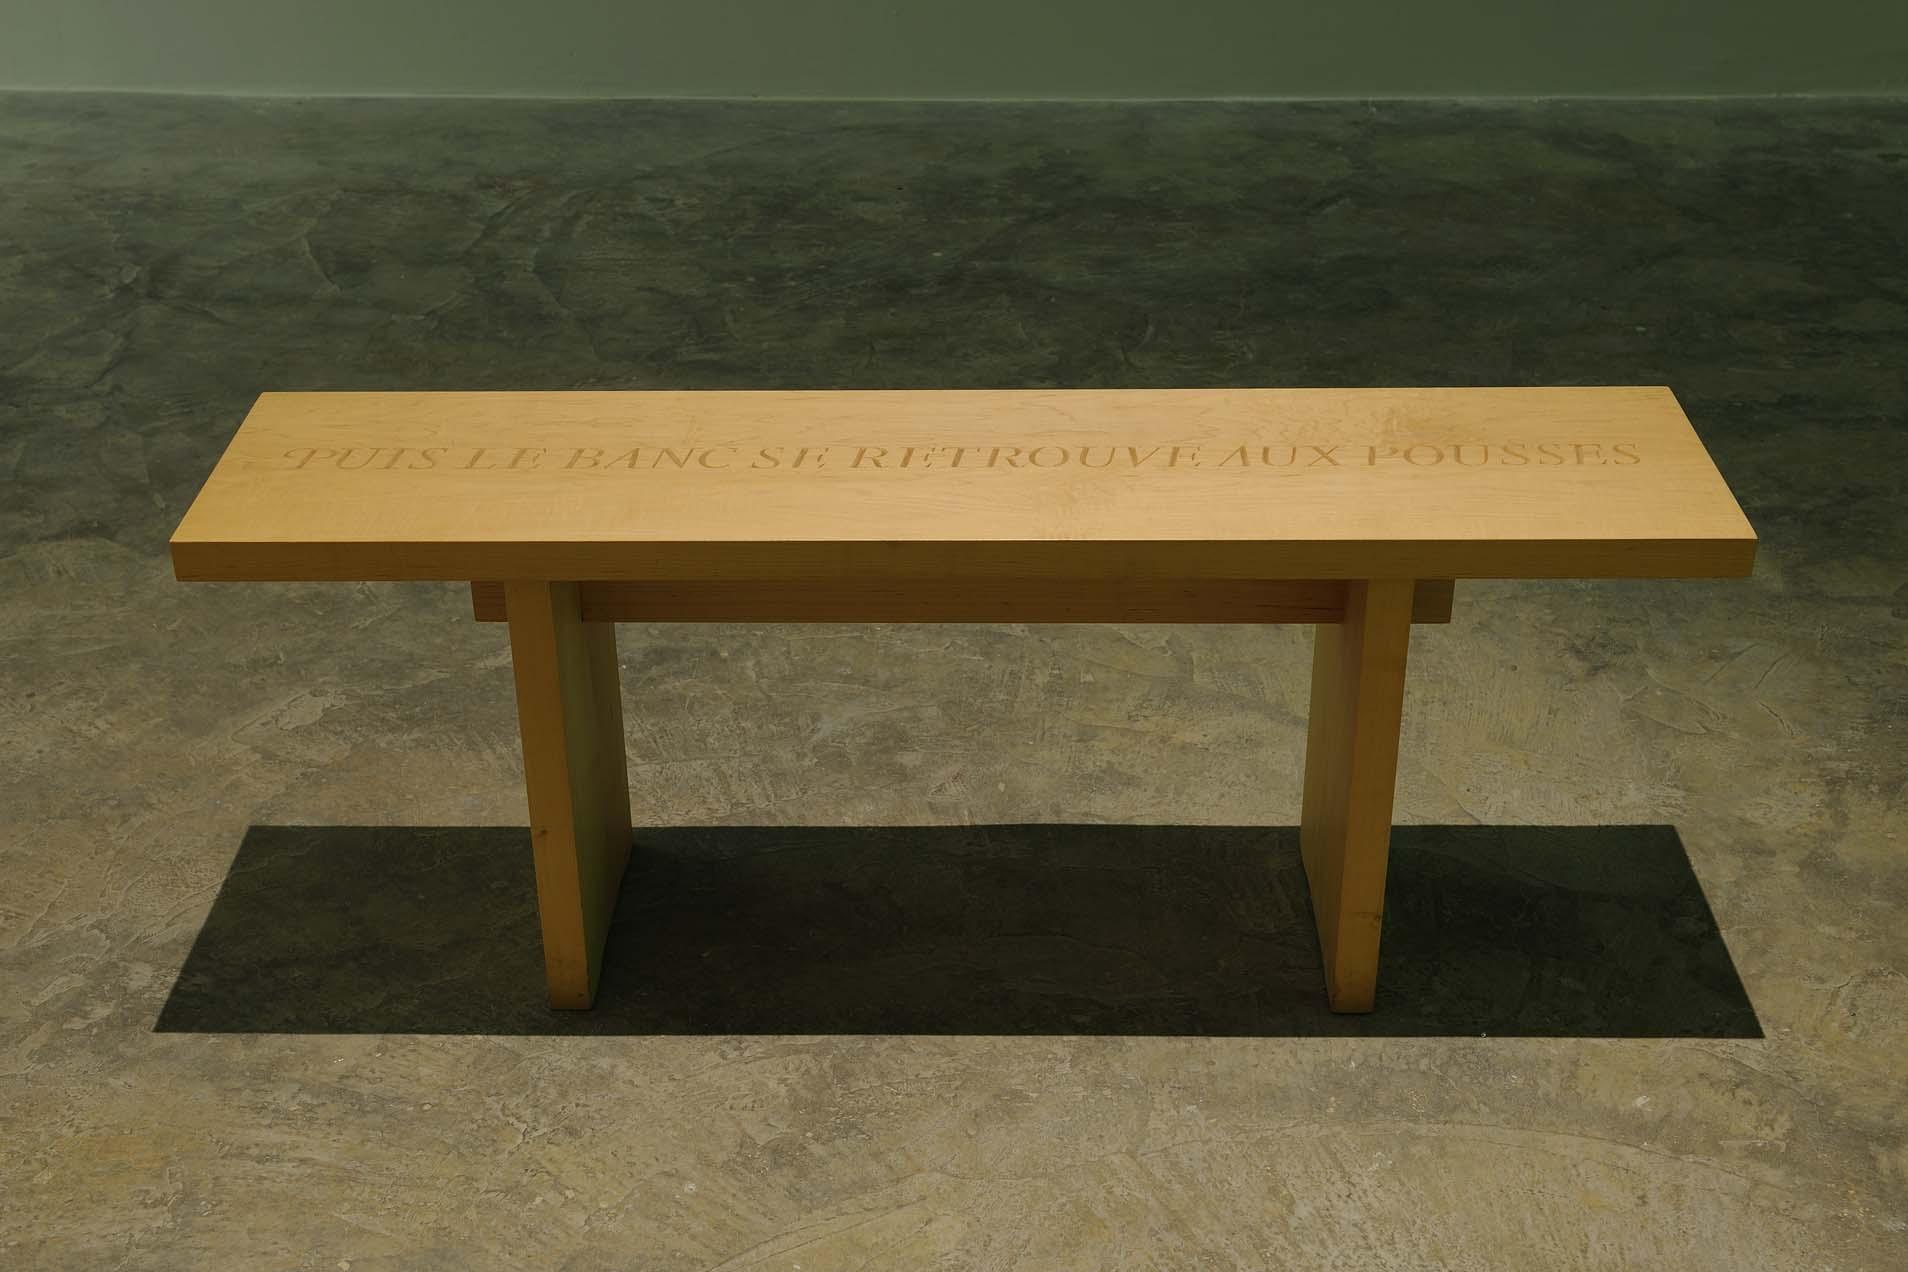 Puis le banc se retrouve aux pousses, 1997 with Caroline Webb, Wooden bench, 40 x 114 x 26 cm, Unique